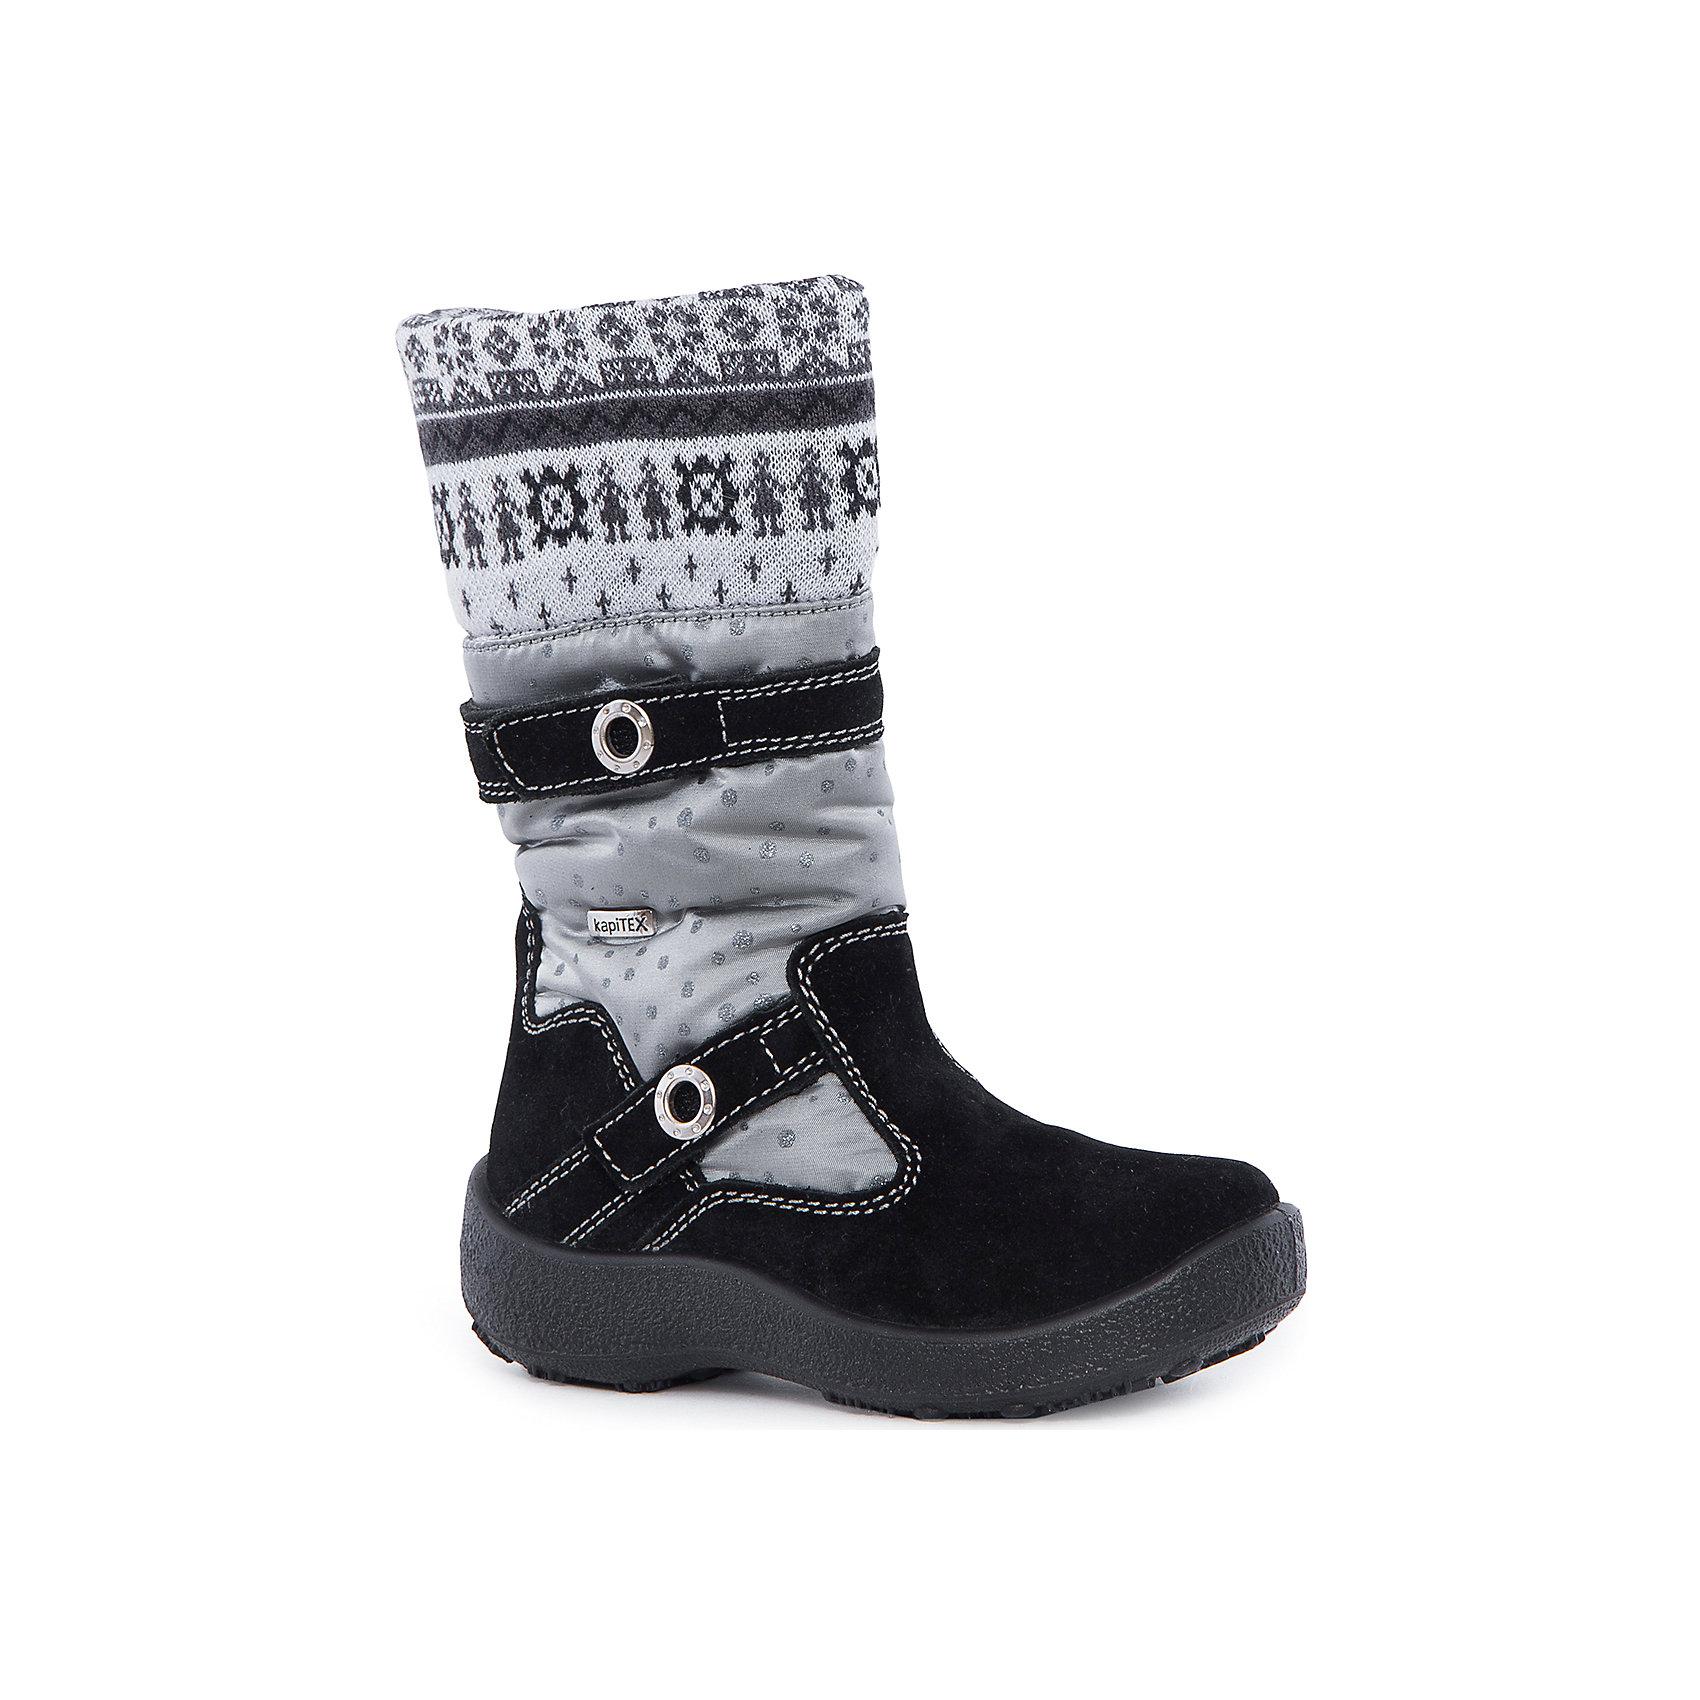 Сапоги для девочки KAPIKAСапоги для девочки KAPIKA.<br><br>Температурный режим: до -20 градусов. Степень утепления – средняя. <br><br>* Температурный режим указан приблизительно — необходимо, прежде всего, ориентироваться на ощущения ребенка. <br><br>Стильная обувь с защитой от холода.<br>Модные и красивые удлиненные сапоги можно носить в холодную погоду. Подходят для осени, весны и ранней зимы. Не пропускают влагу, защищают ногу от попадания воды внутрь через верх. Хорошая устойчивая пятка. Сверху дополнительный шерстяной верх для согрева ноги.<br><br>Дополнительная информация:<br><br>- цвет: серо-черный<br>- материал: верх - текстиль; подкладка - текстиль (шерсть 30%); подошва - полимерный материал<br><br>Сапоги для девочки KAPIKA можно купить в нашем интернет магазине.<br><br>Ширина мм: 257<br>Глубина мм: 180<br>Высота мм: 130<br>Вес г: 420<br>Цвет: черный/серый<br>Возраст от месяцев: 36<br>Возраст до месяцев: 48<br>Пол: Женский<br>Возраст: Детский<br>Размер: 27,28,34,29,30,31,32,33<br>SKU: 4987947